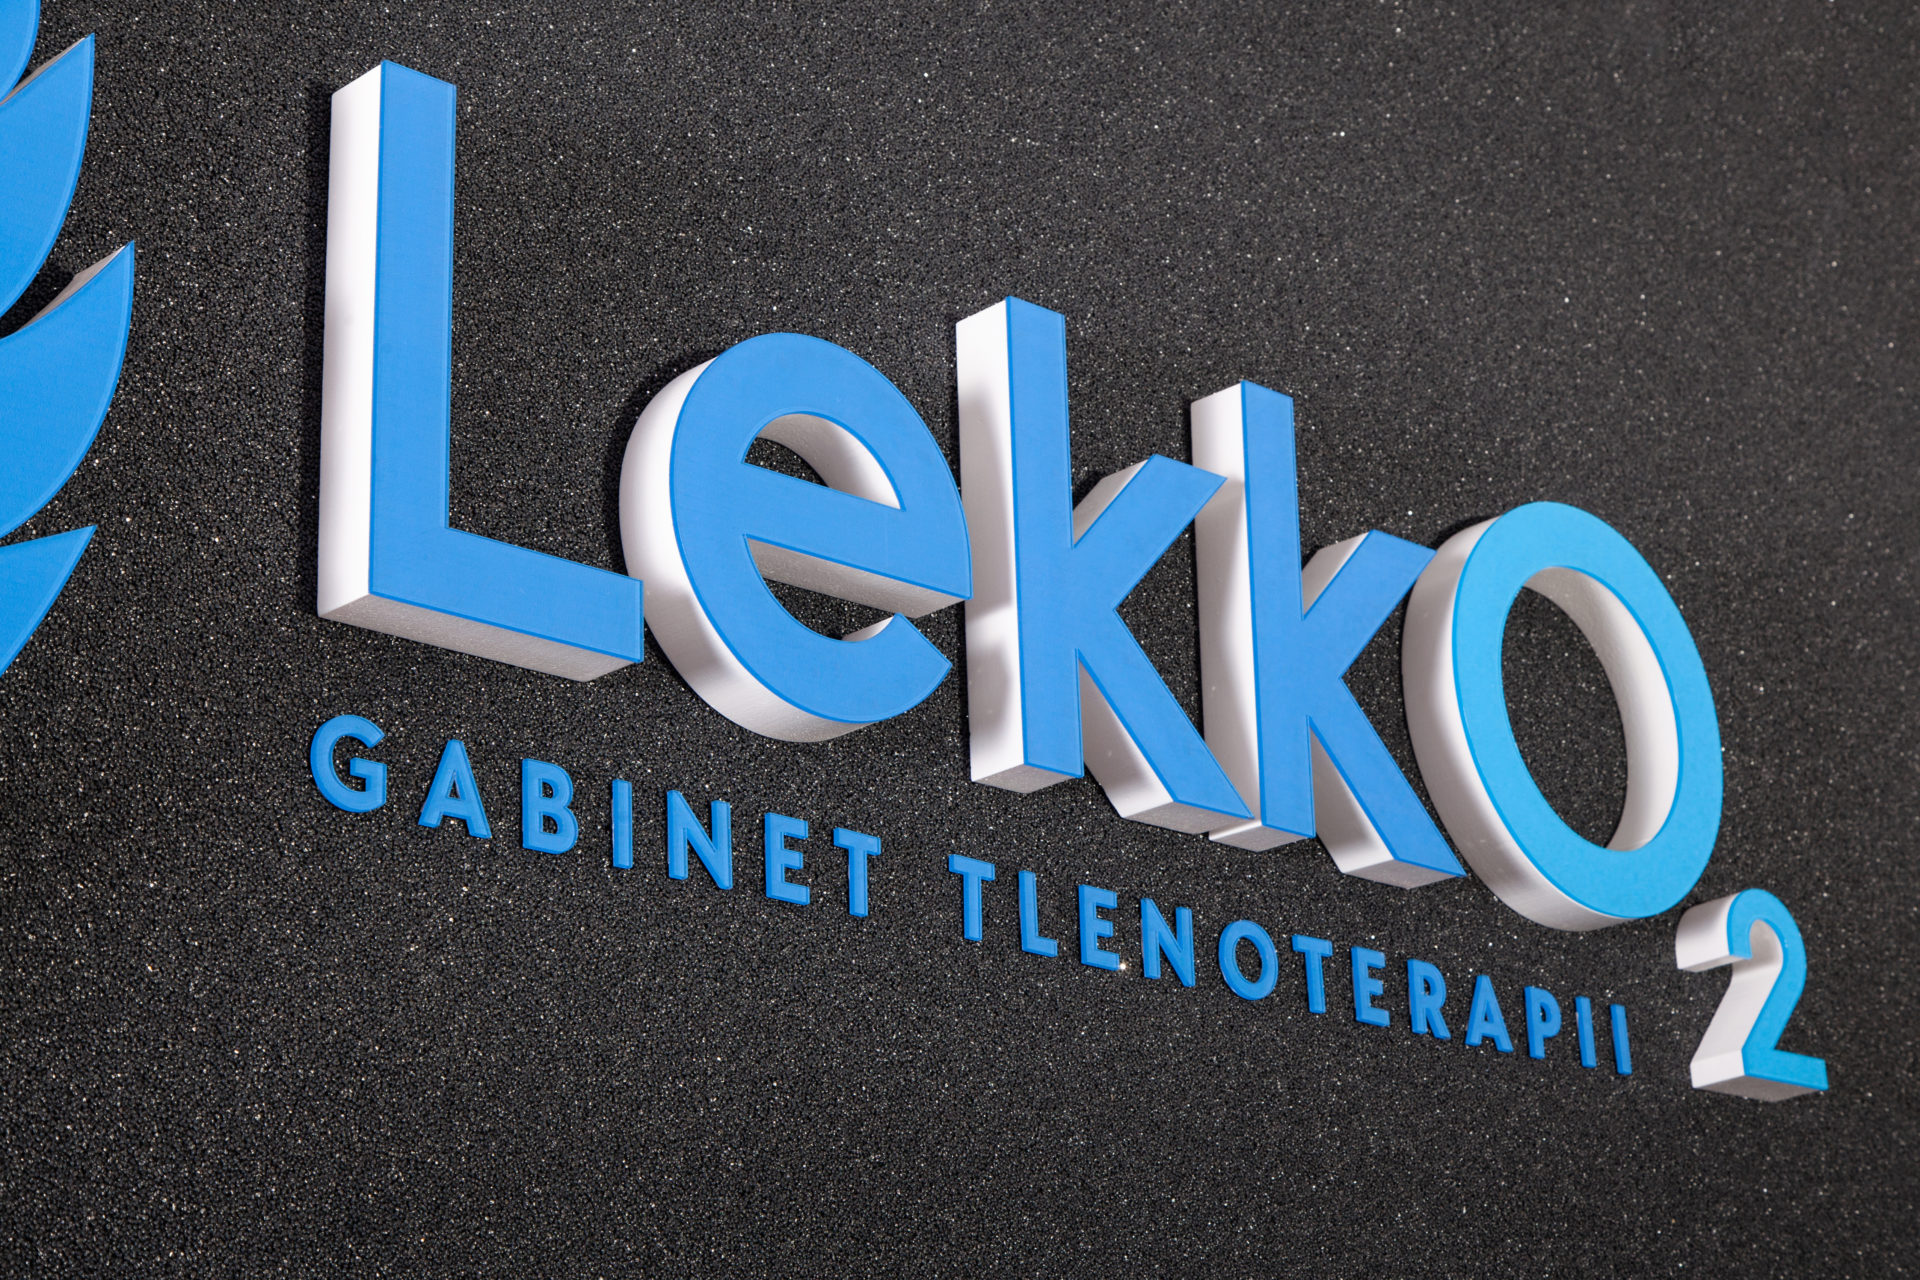 LekkO2 - Gabinet tlenoterapii Katowice